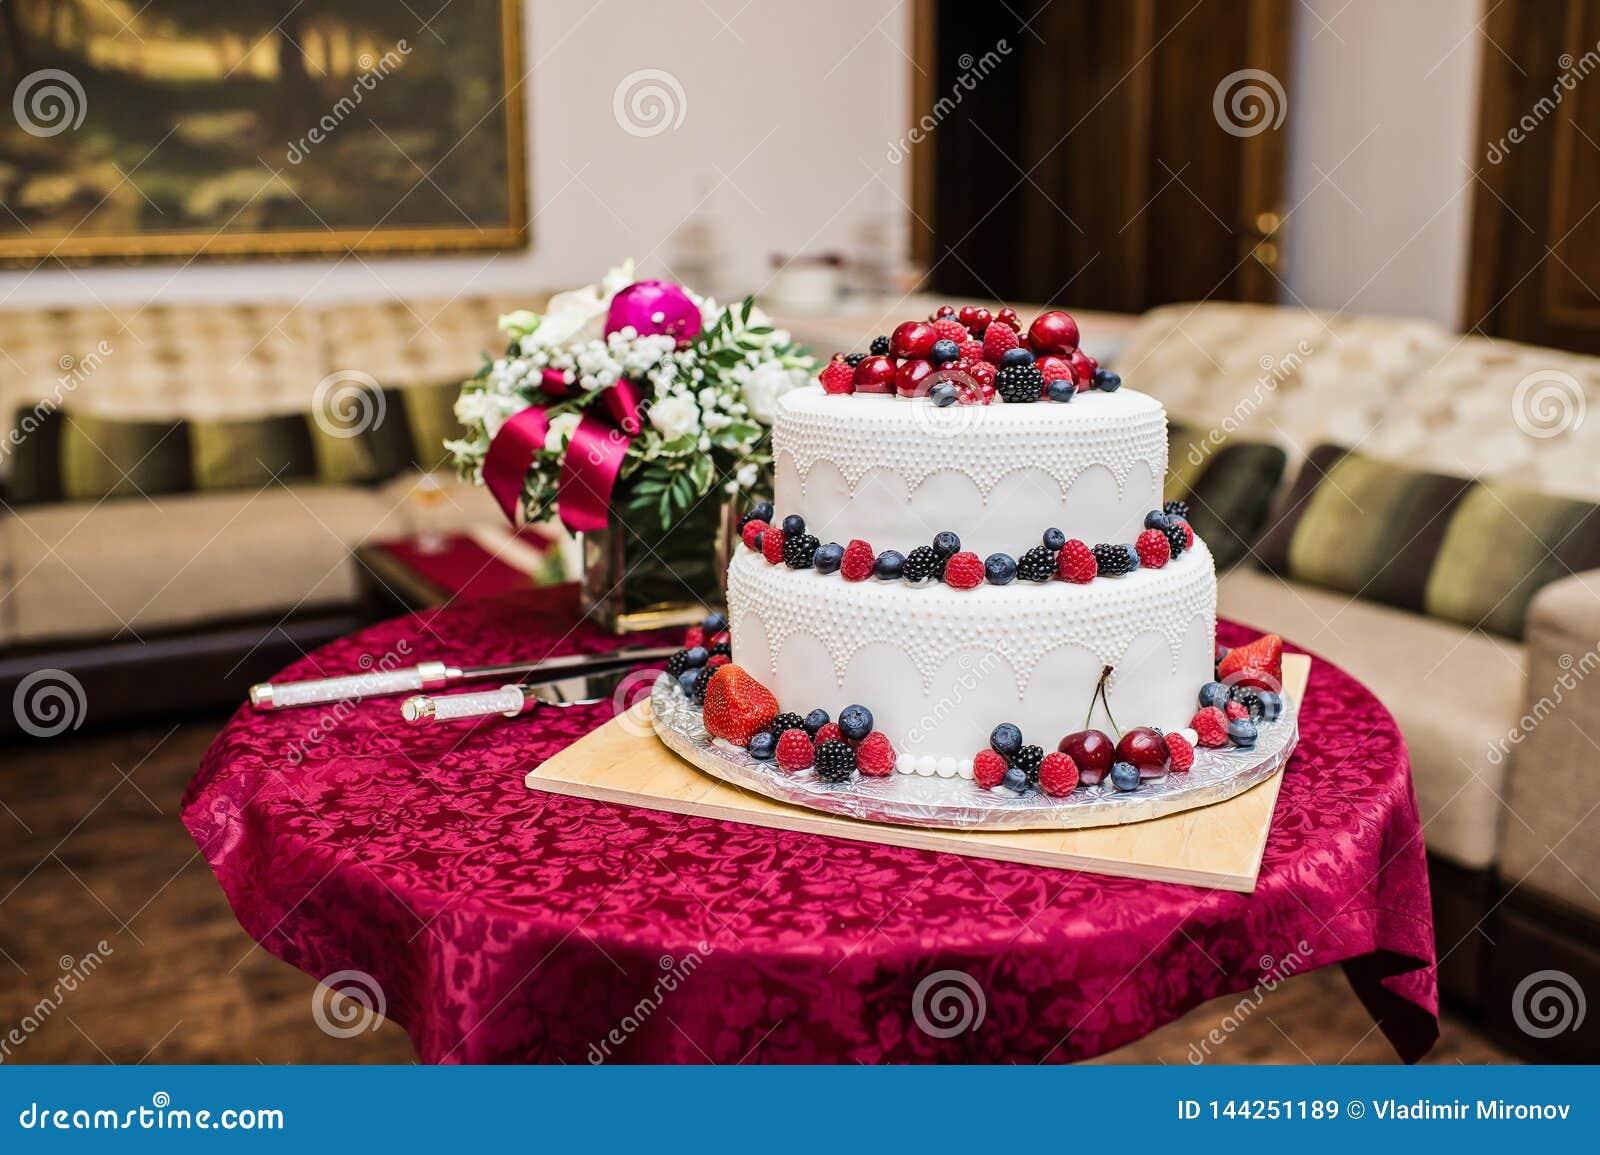 Klasyczny ślubny tort z malinkami, truskawkami, czernicami i czarnymi jagodami,